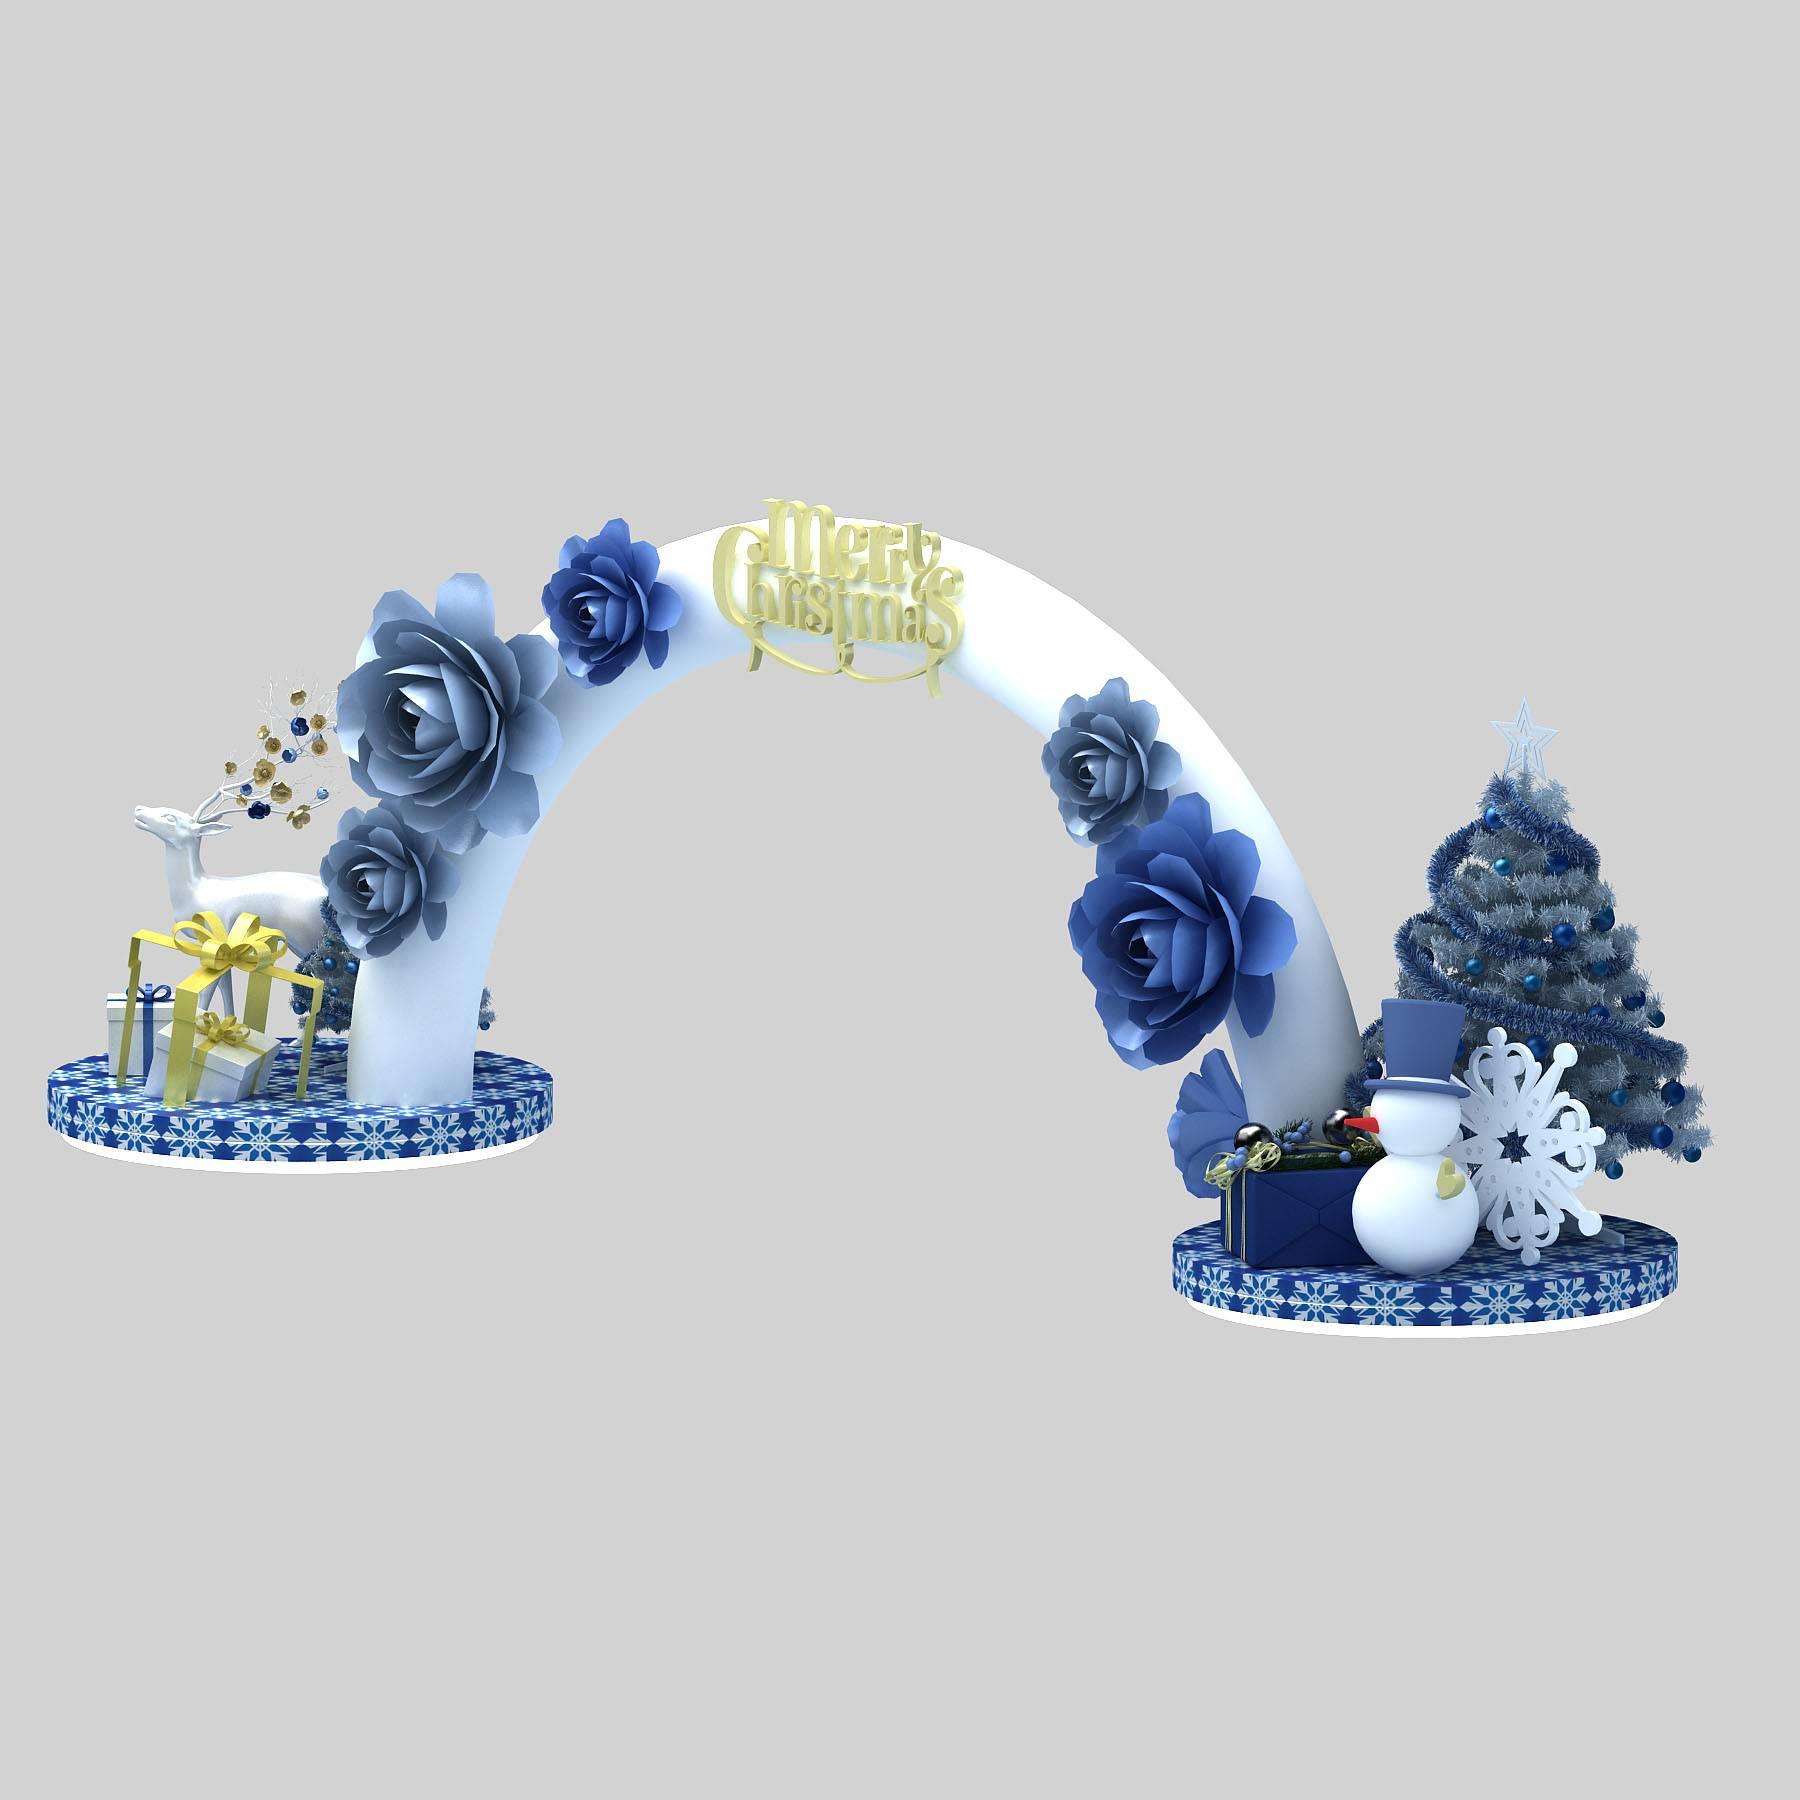 圣诞美陈 装饰门 节庆 雪人 圣诞树 美陈模型